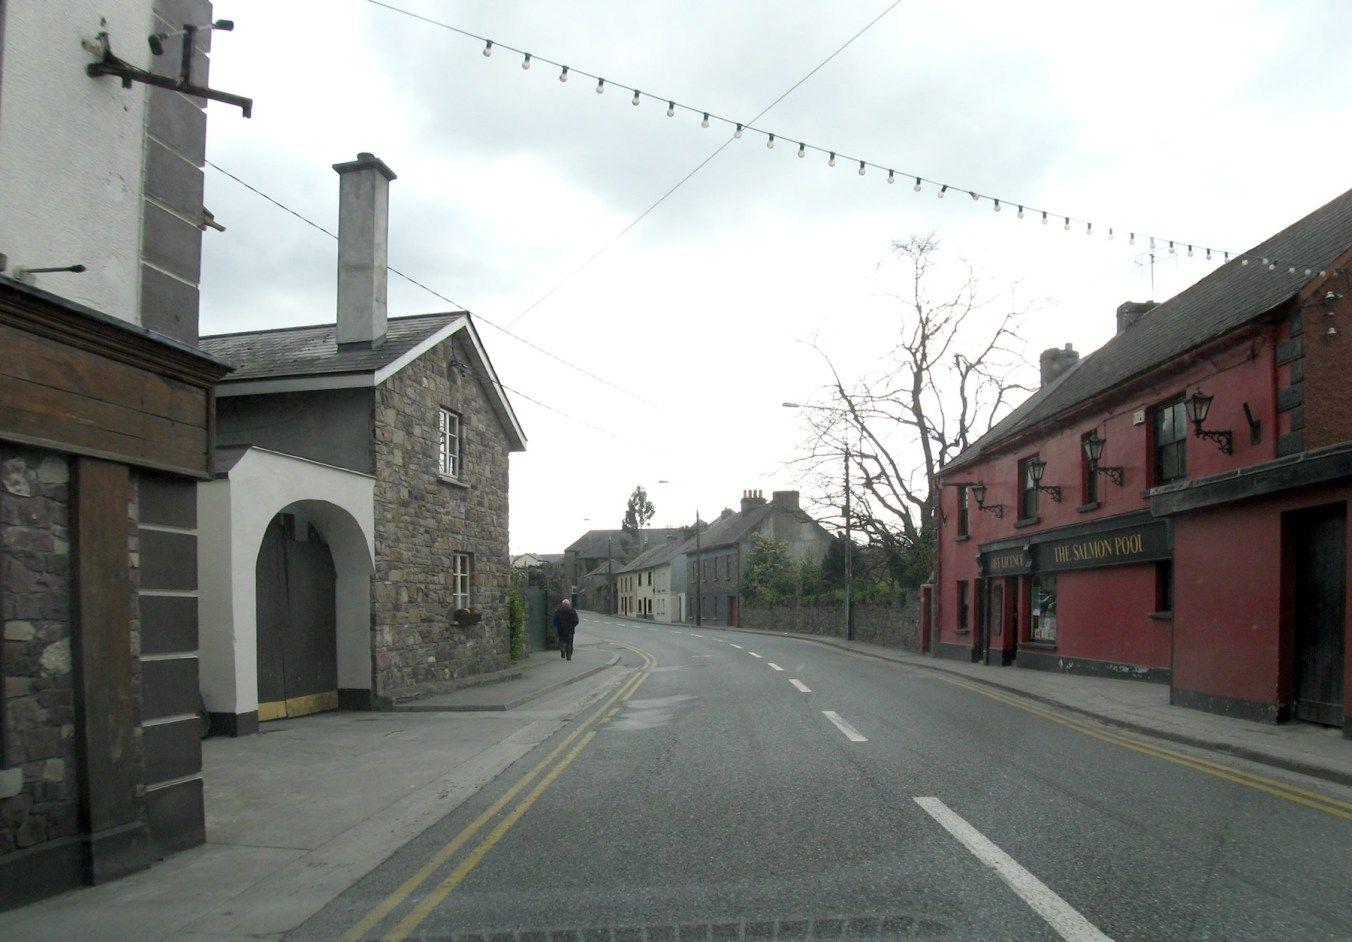 The Salmon Pool, Mill Street, Thomastown, Co Kilkenny